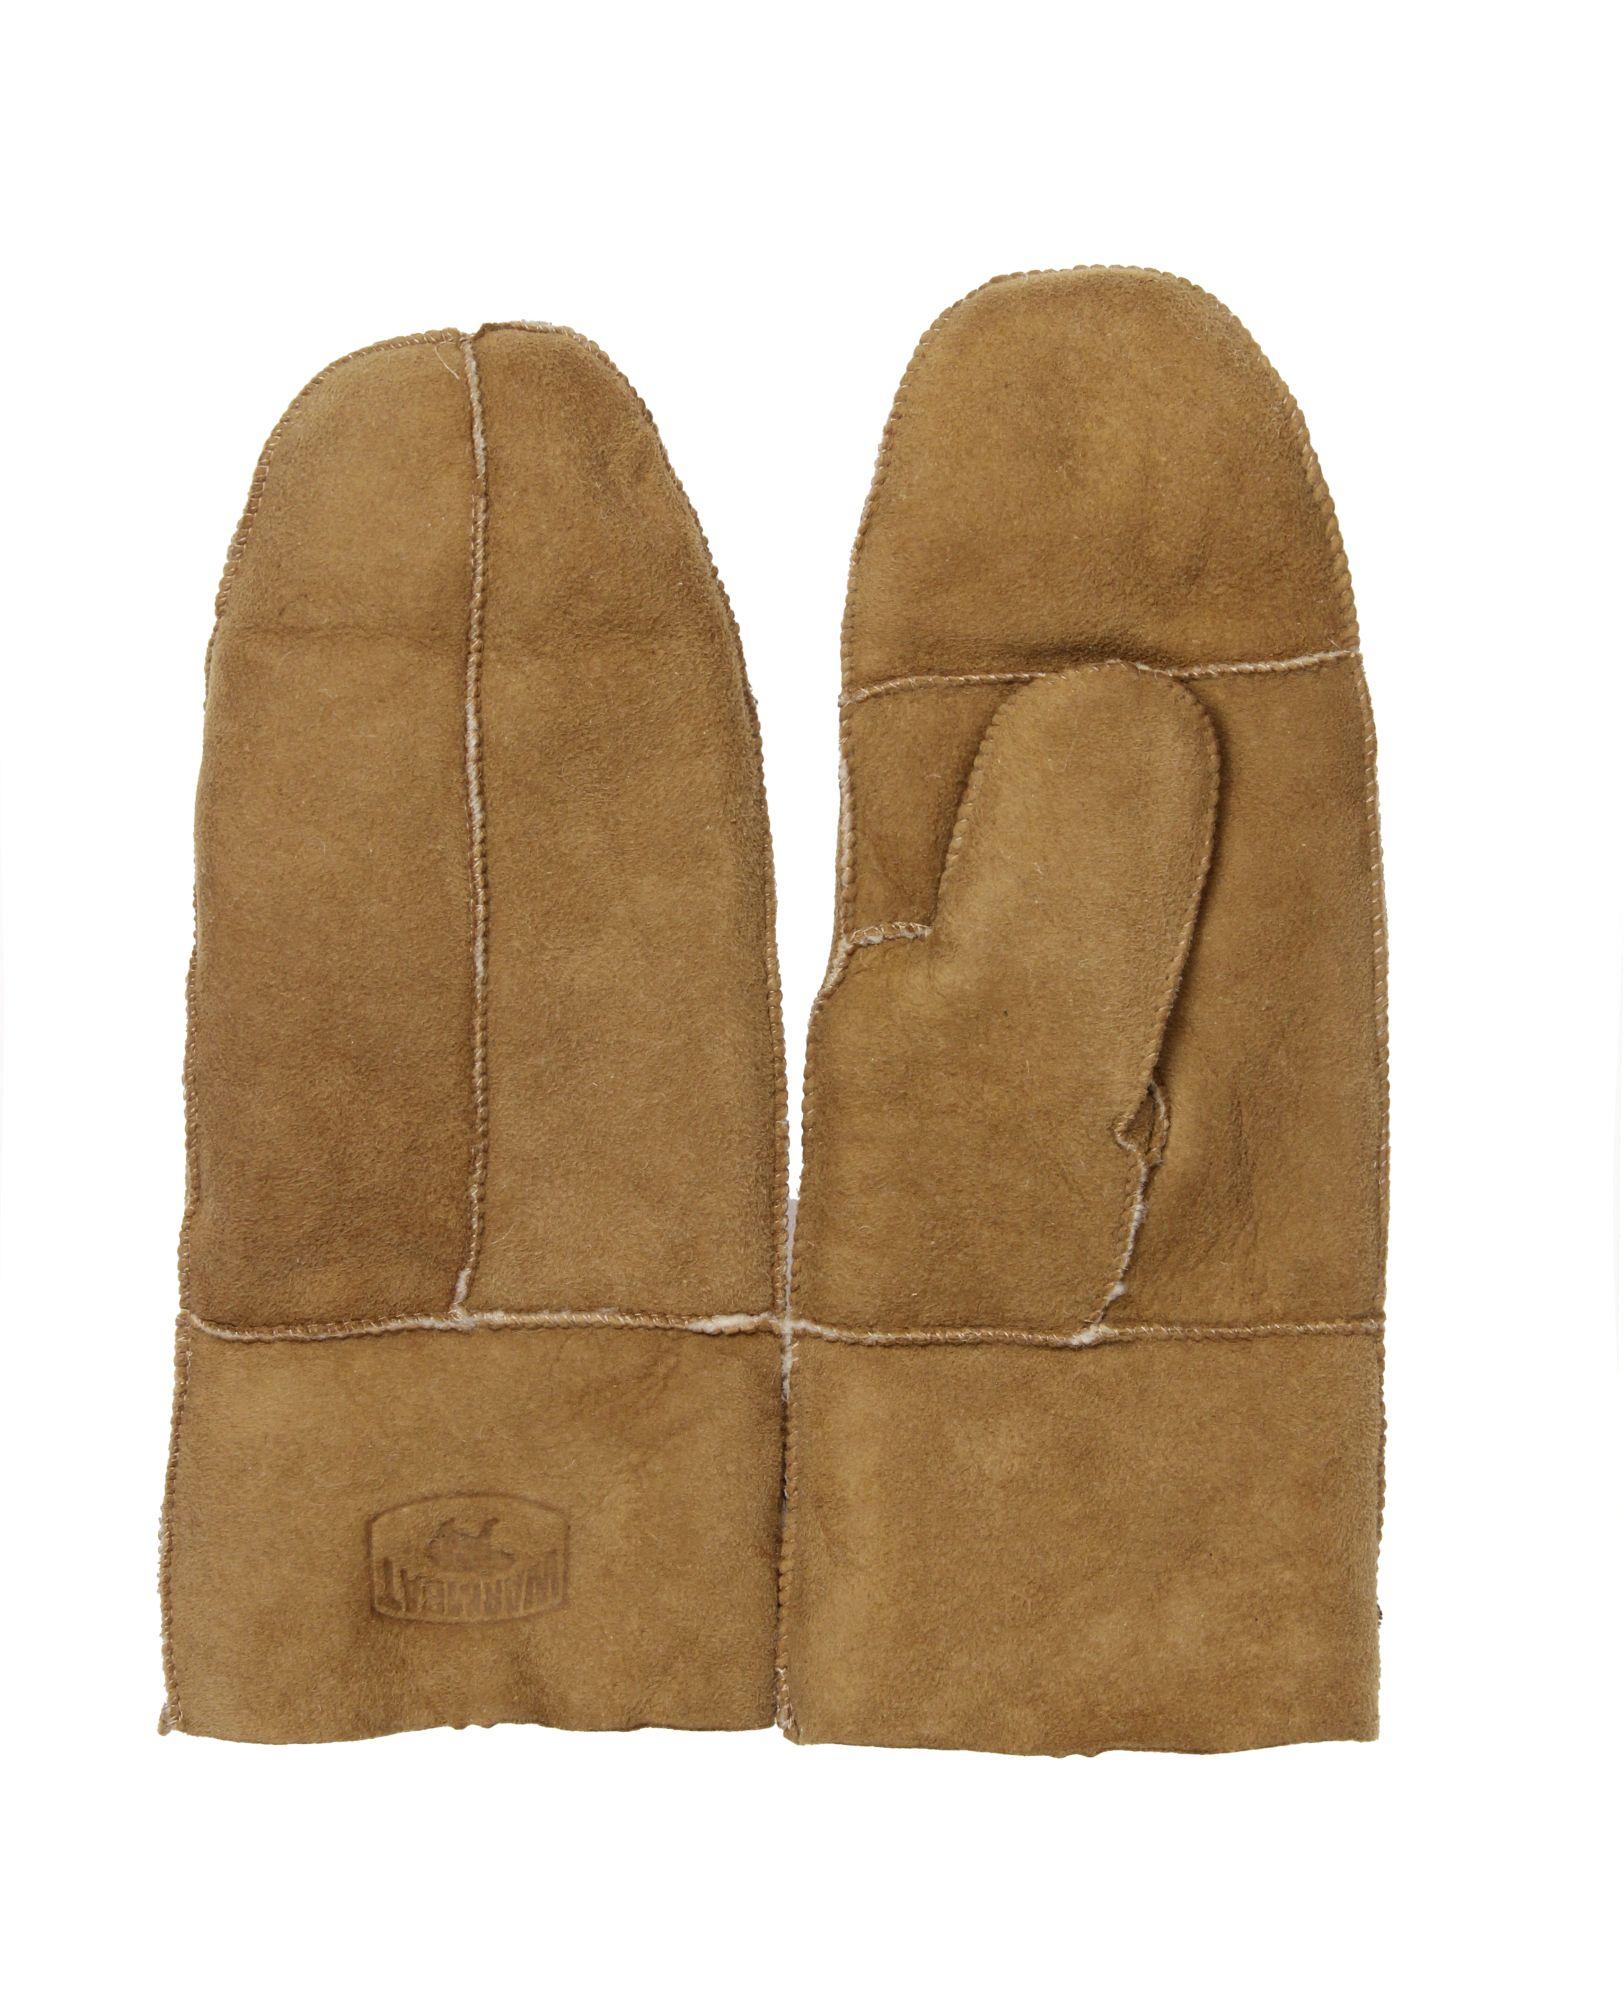 Warmbat Dames Leren HandschoenenHandschoenen